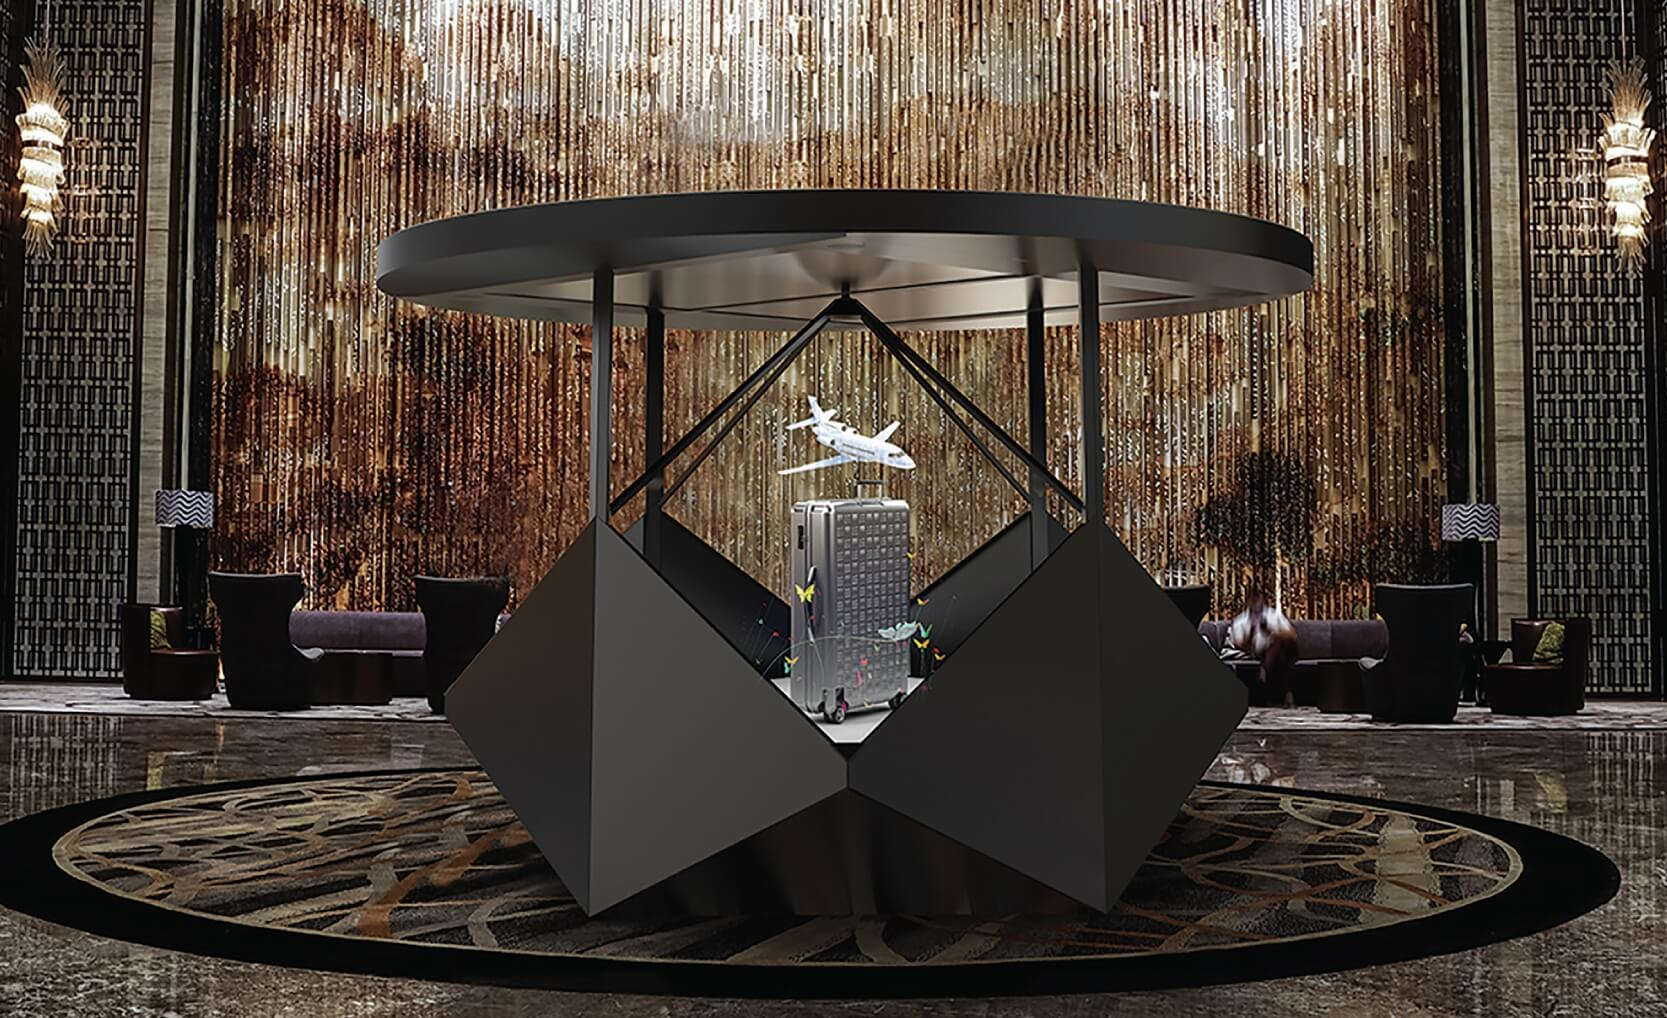 De Dreamoc Diamond is de perfecte oplossing voor holografische presentaties op beurzen, bedrijfsevenementen en in experience rooms.